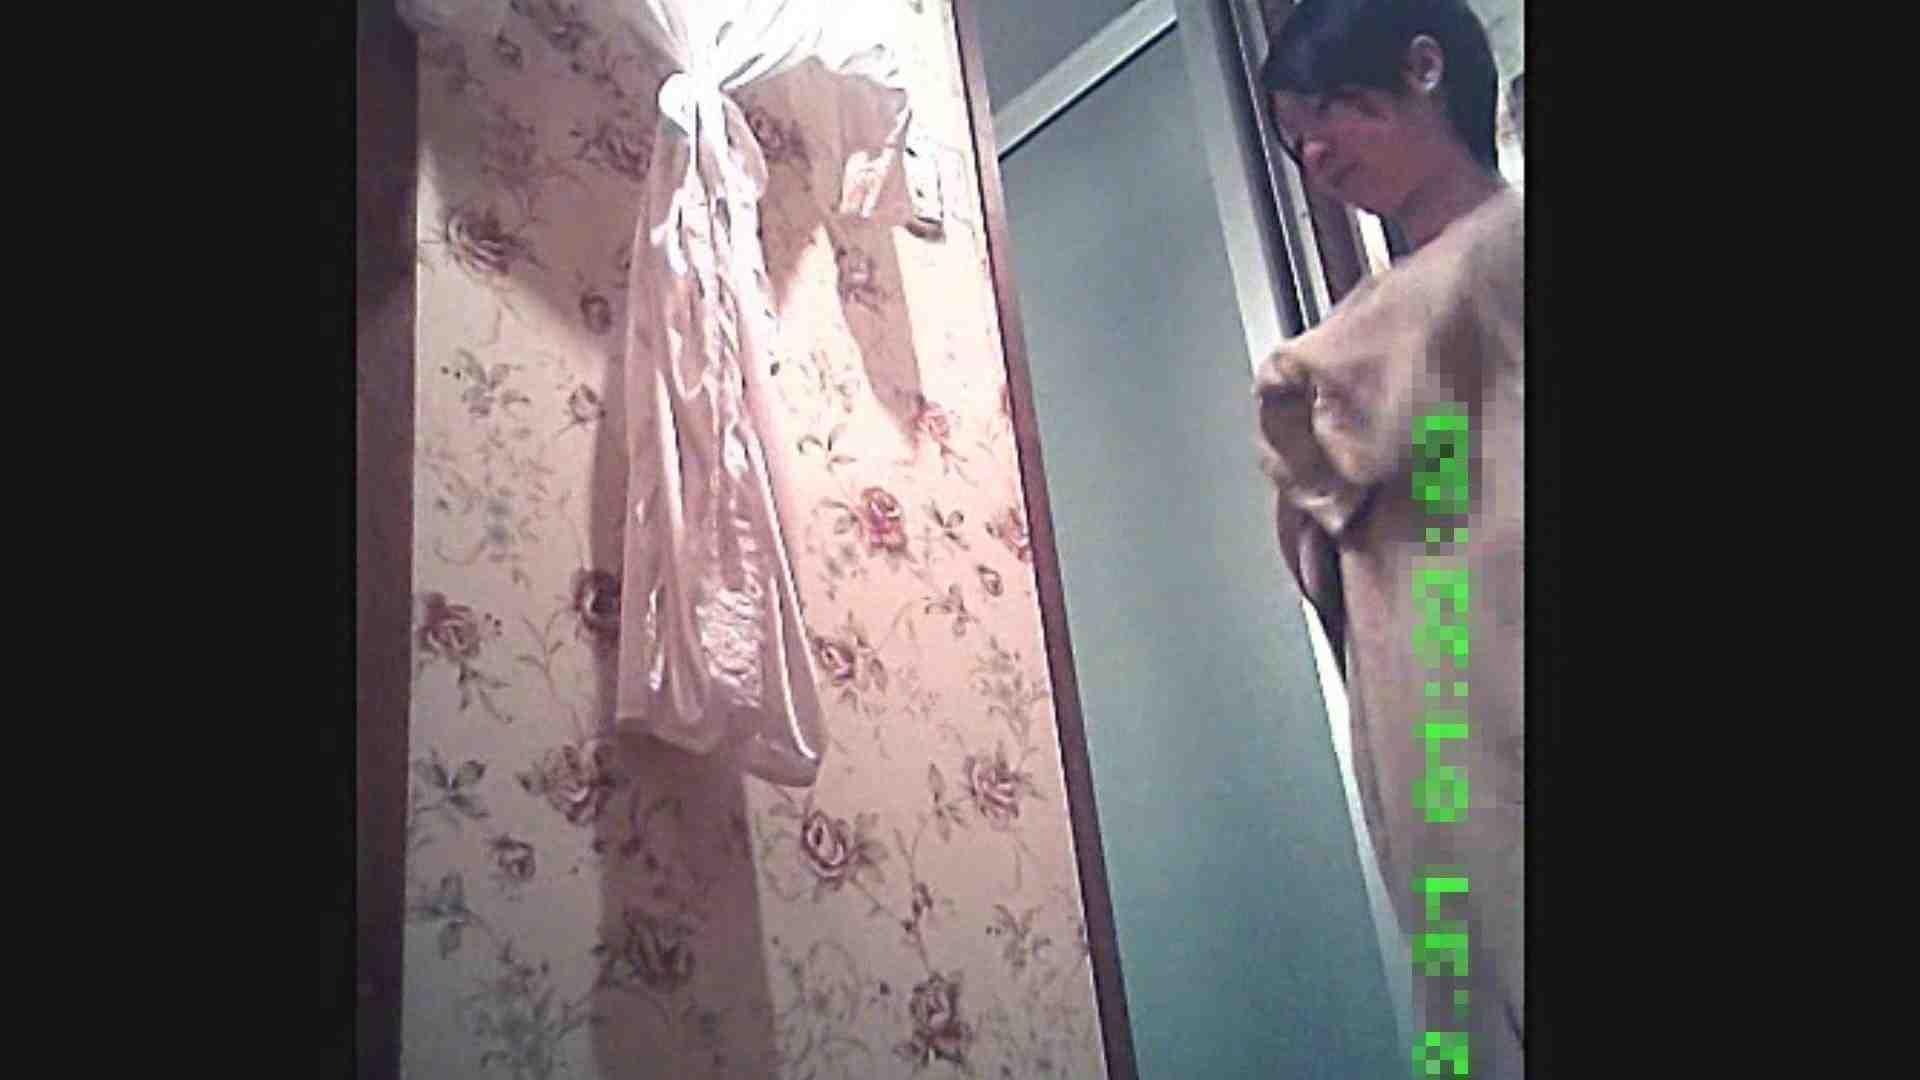 禁断、、家庭教のおしえ子 (シリーズⅣ) しのぶちゃん  Vol.26 脱衣編 ギャル攻め   ラブホテル  103画像 41